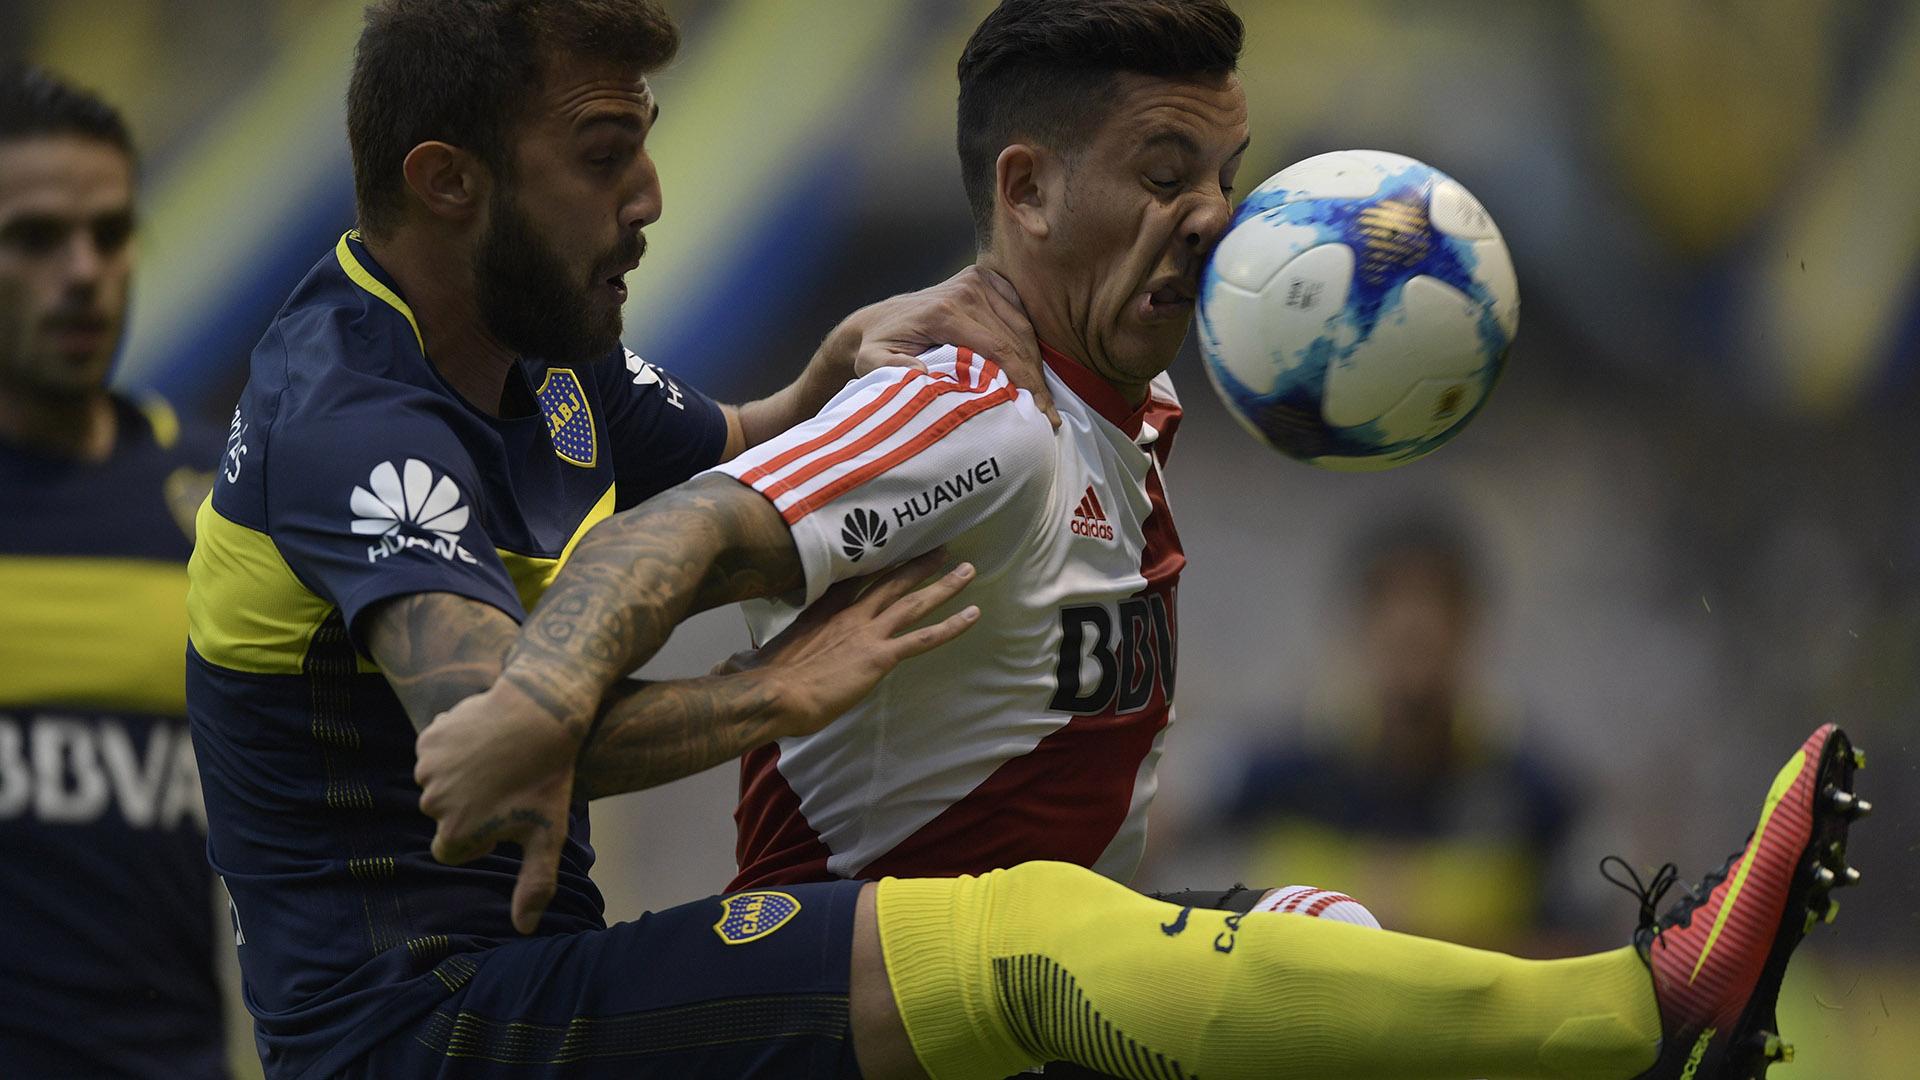 A los 14 minutos del primer tiempo, el club de Núñez se puso en ventaja